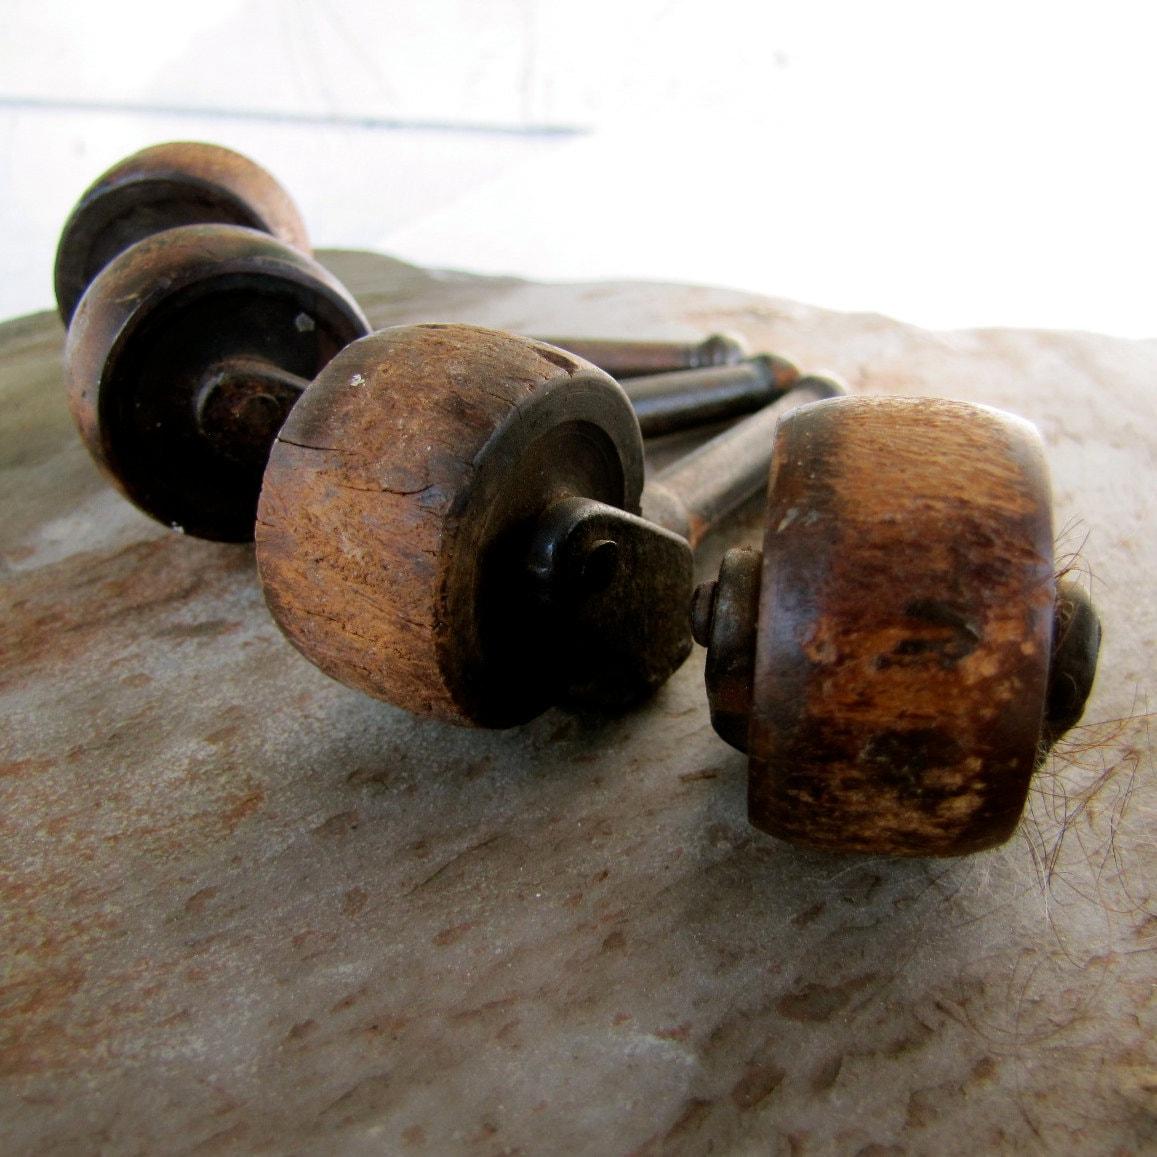 Antique Wooden Casters For Furniture Restoration Or Art